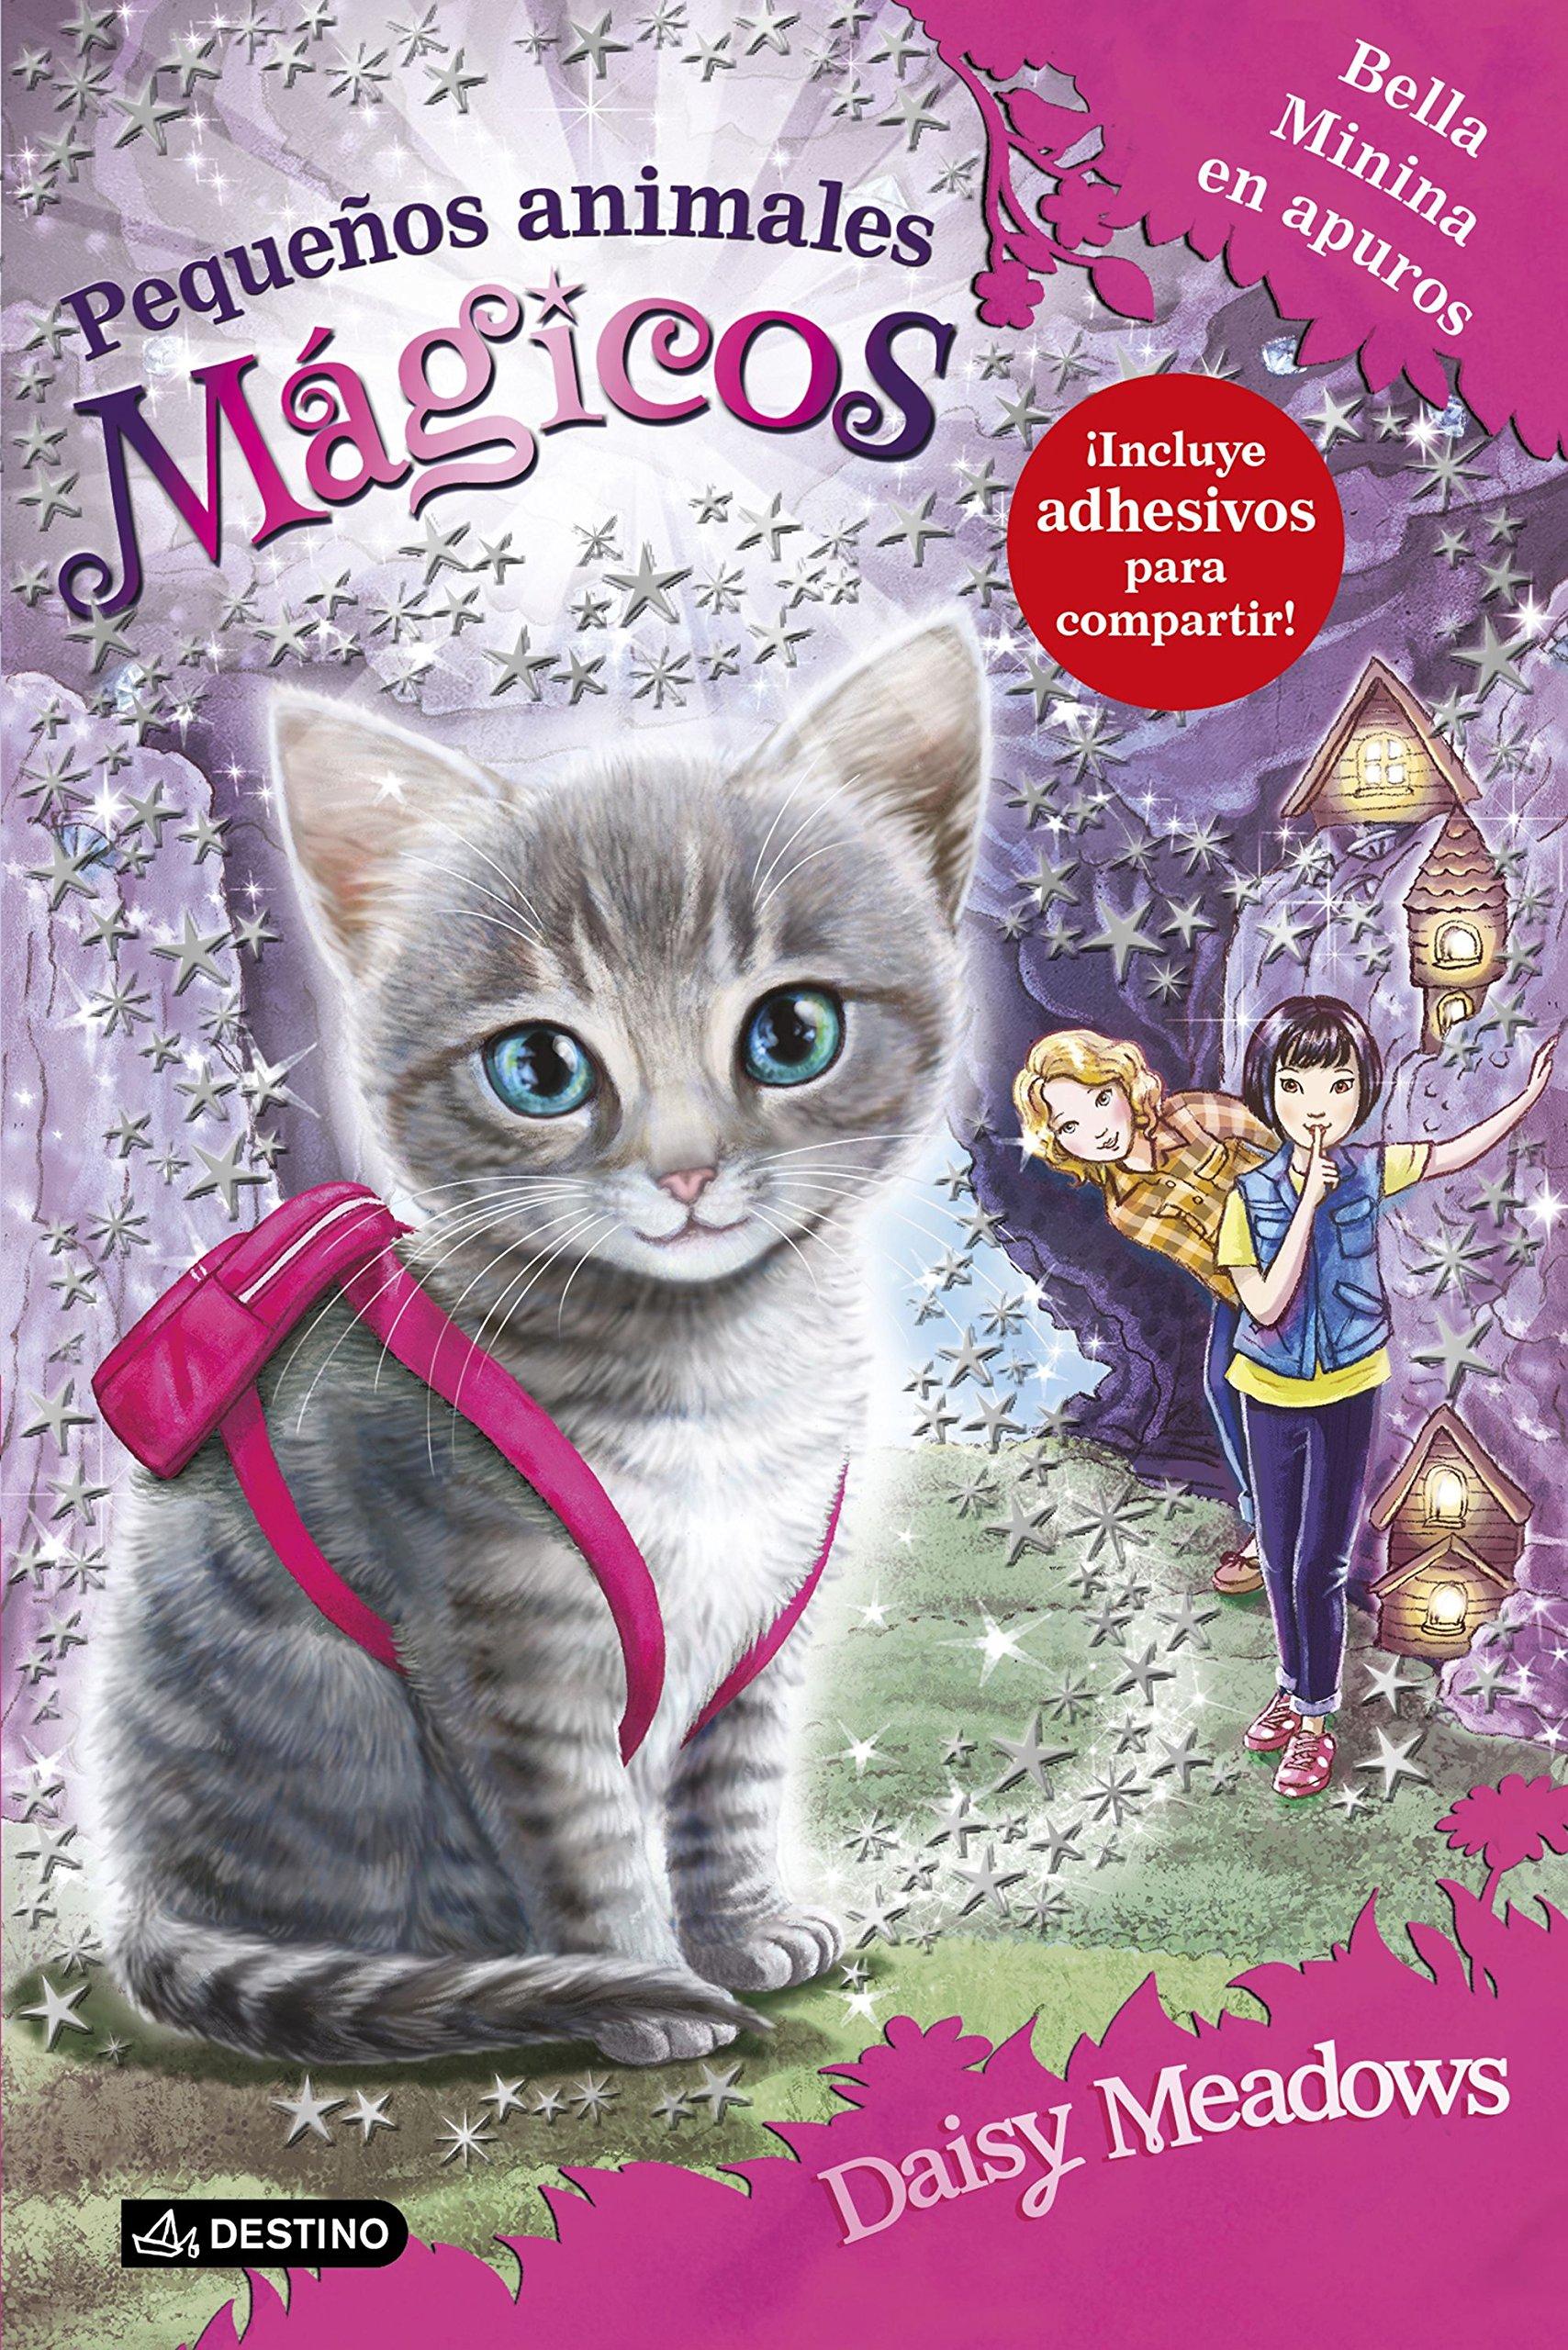 Download Pequeños animales mágicos. Bella Minina en apuros (Spanish Edition) pdf epub